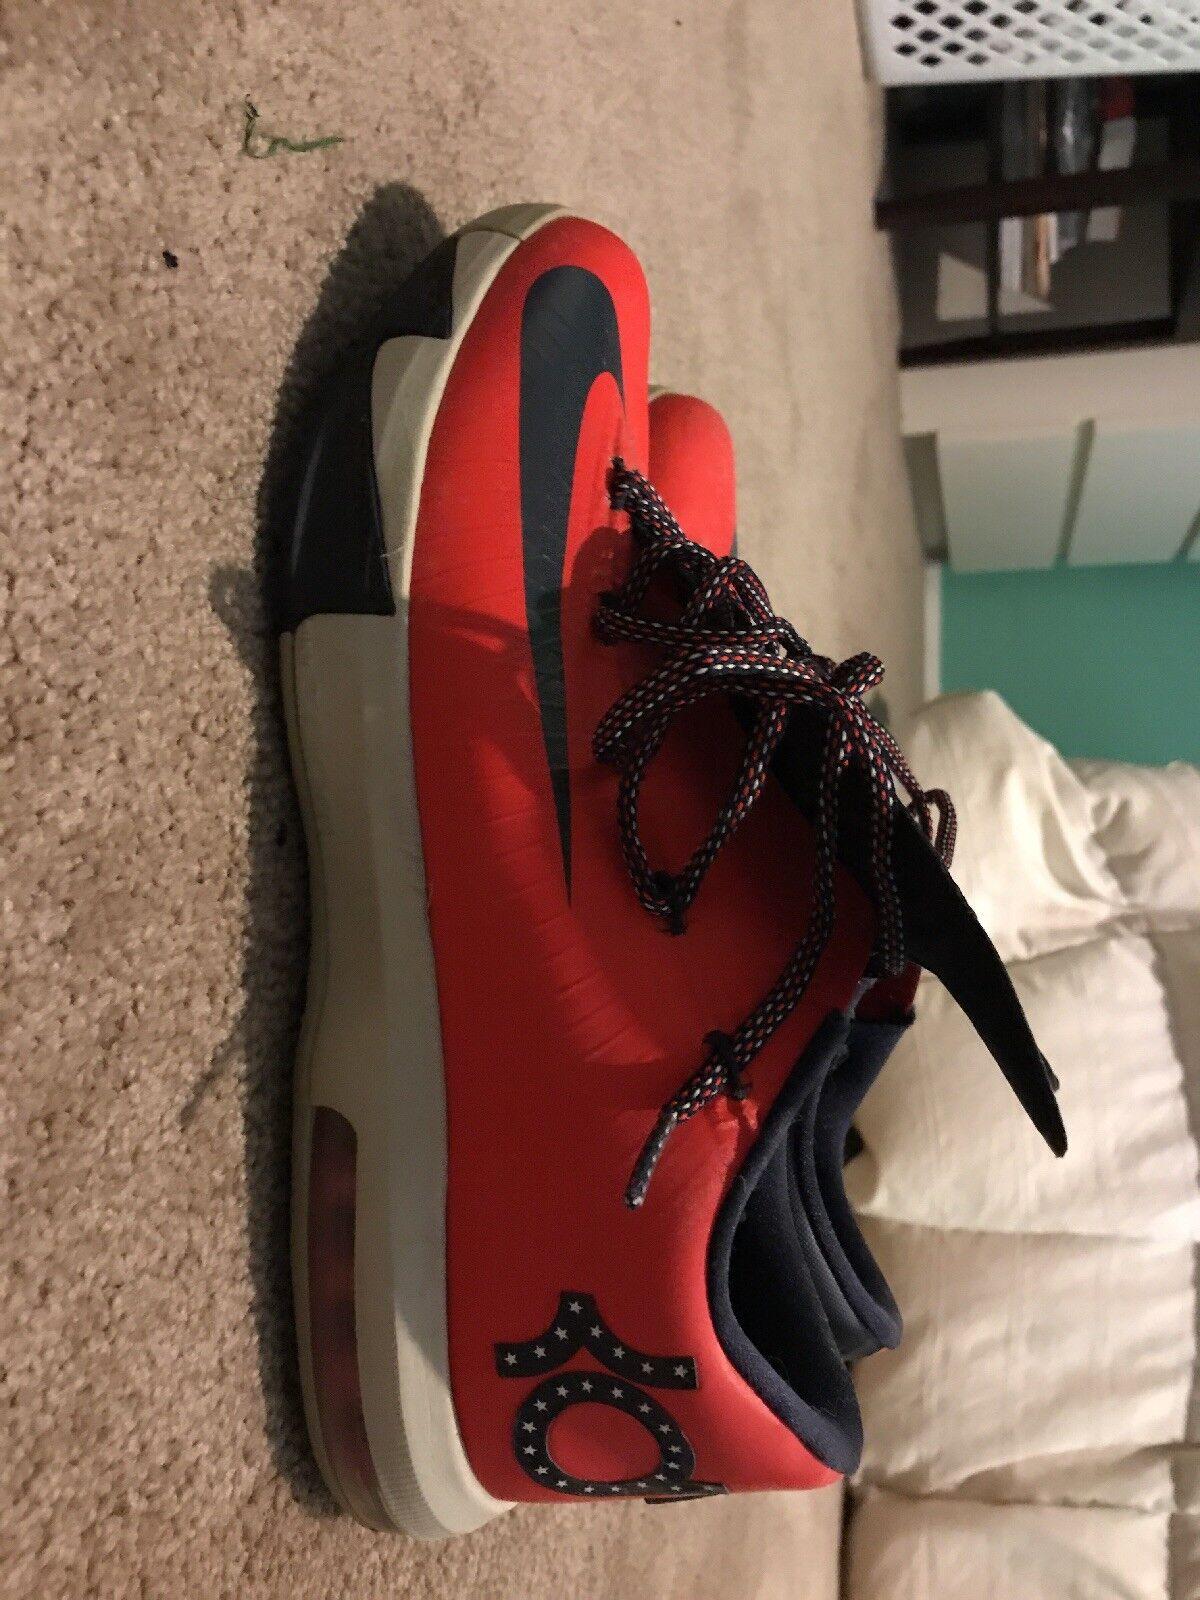 Nike KD VI DC (Kevin Durant 6 Washington D.C. USA) MENS U.S. Size 10.5